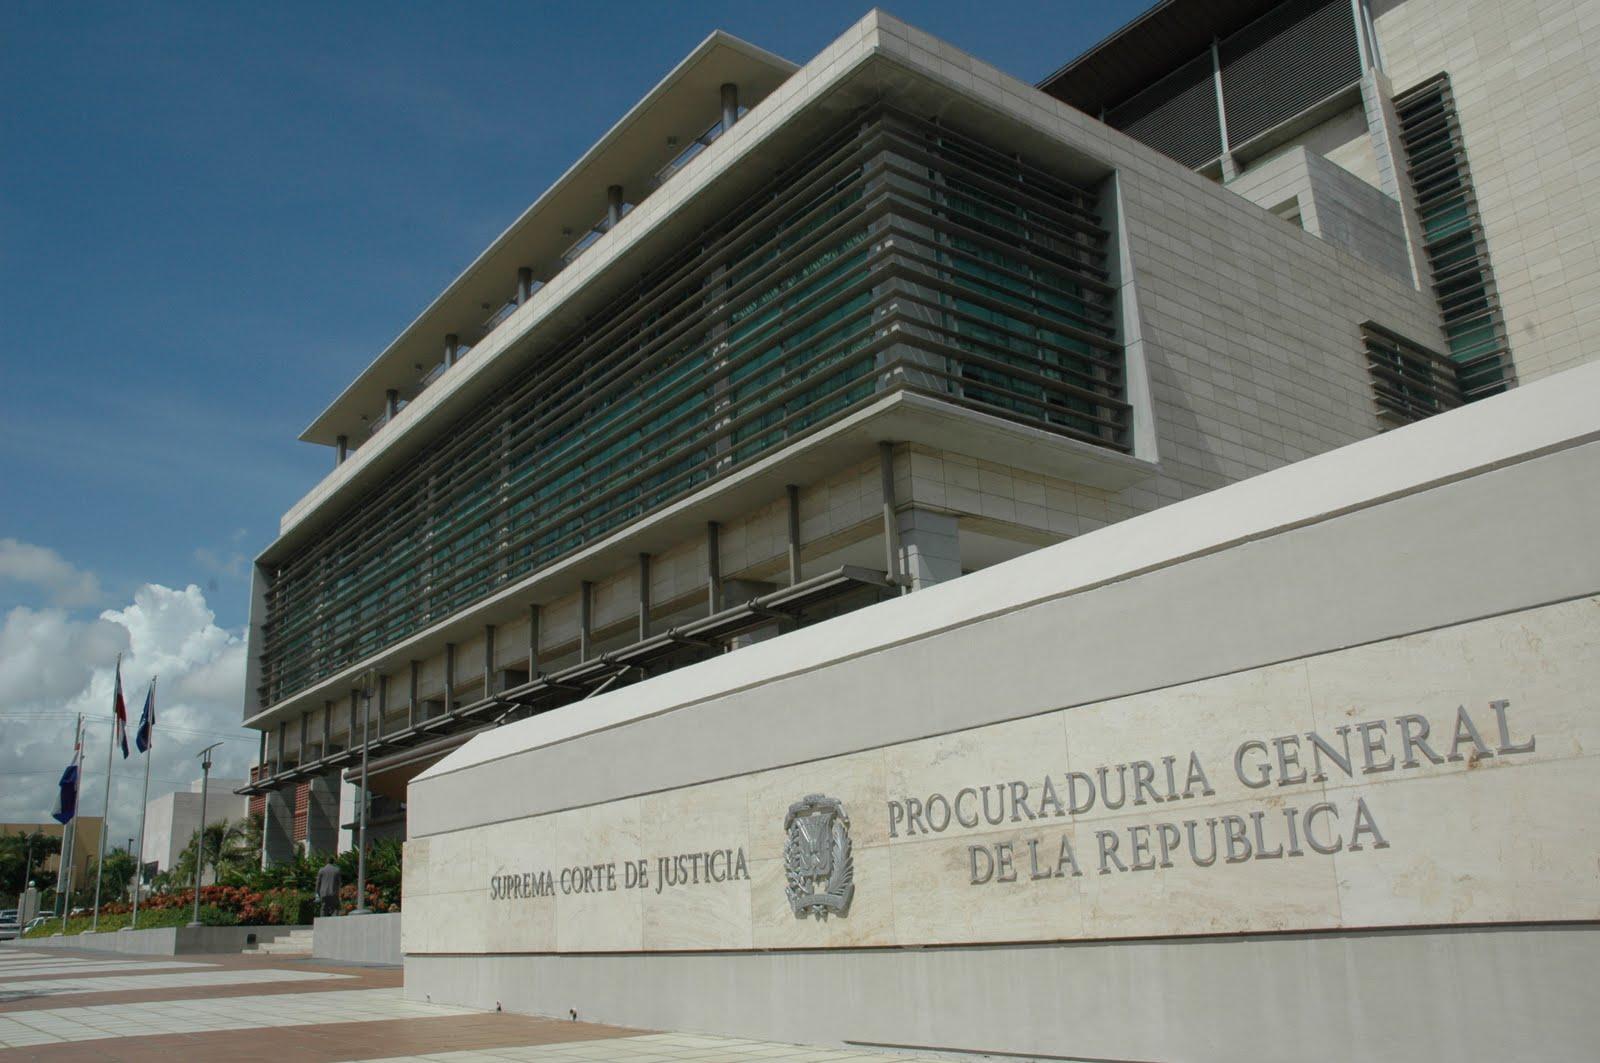 36 fiscales y procuradores aprueban concurso para titulares del MP